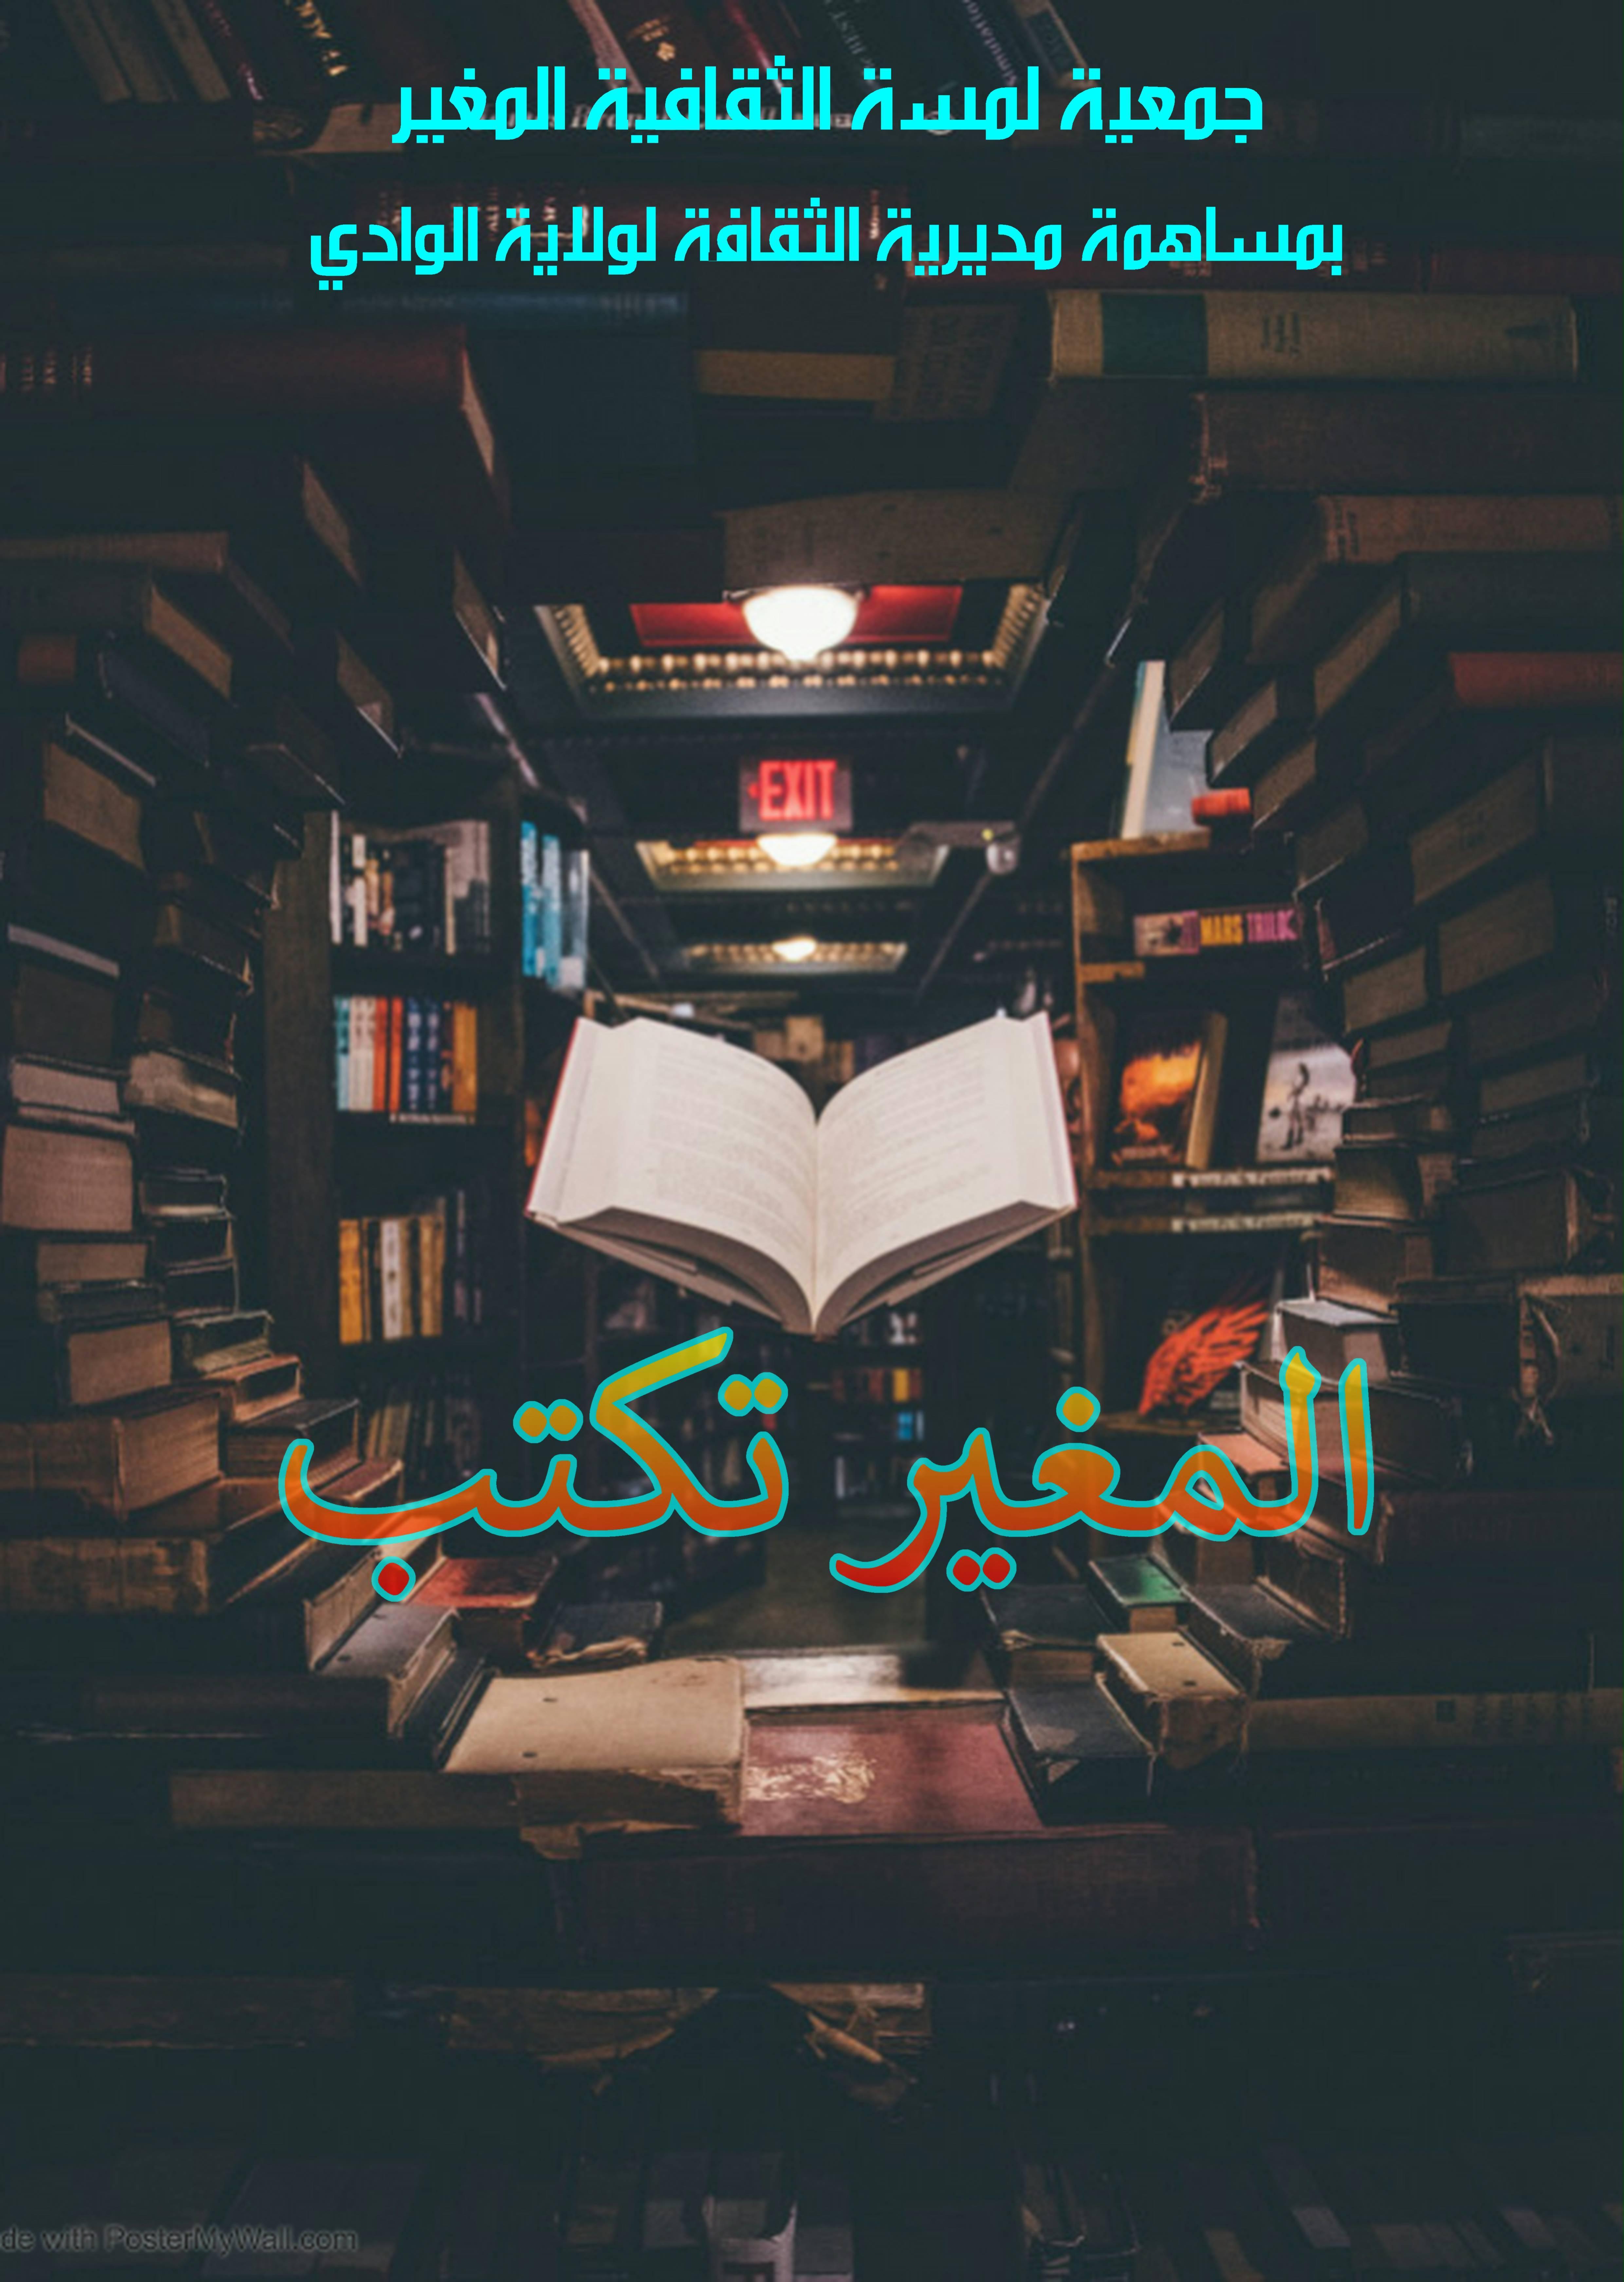 المغير تكتب - جمعية لمسة الثقافية المغير